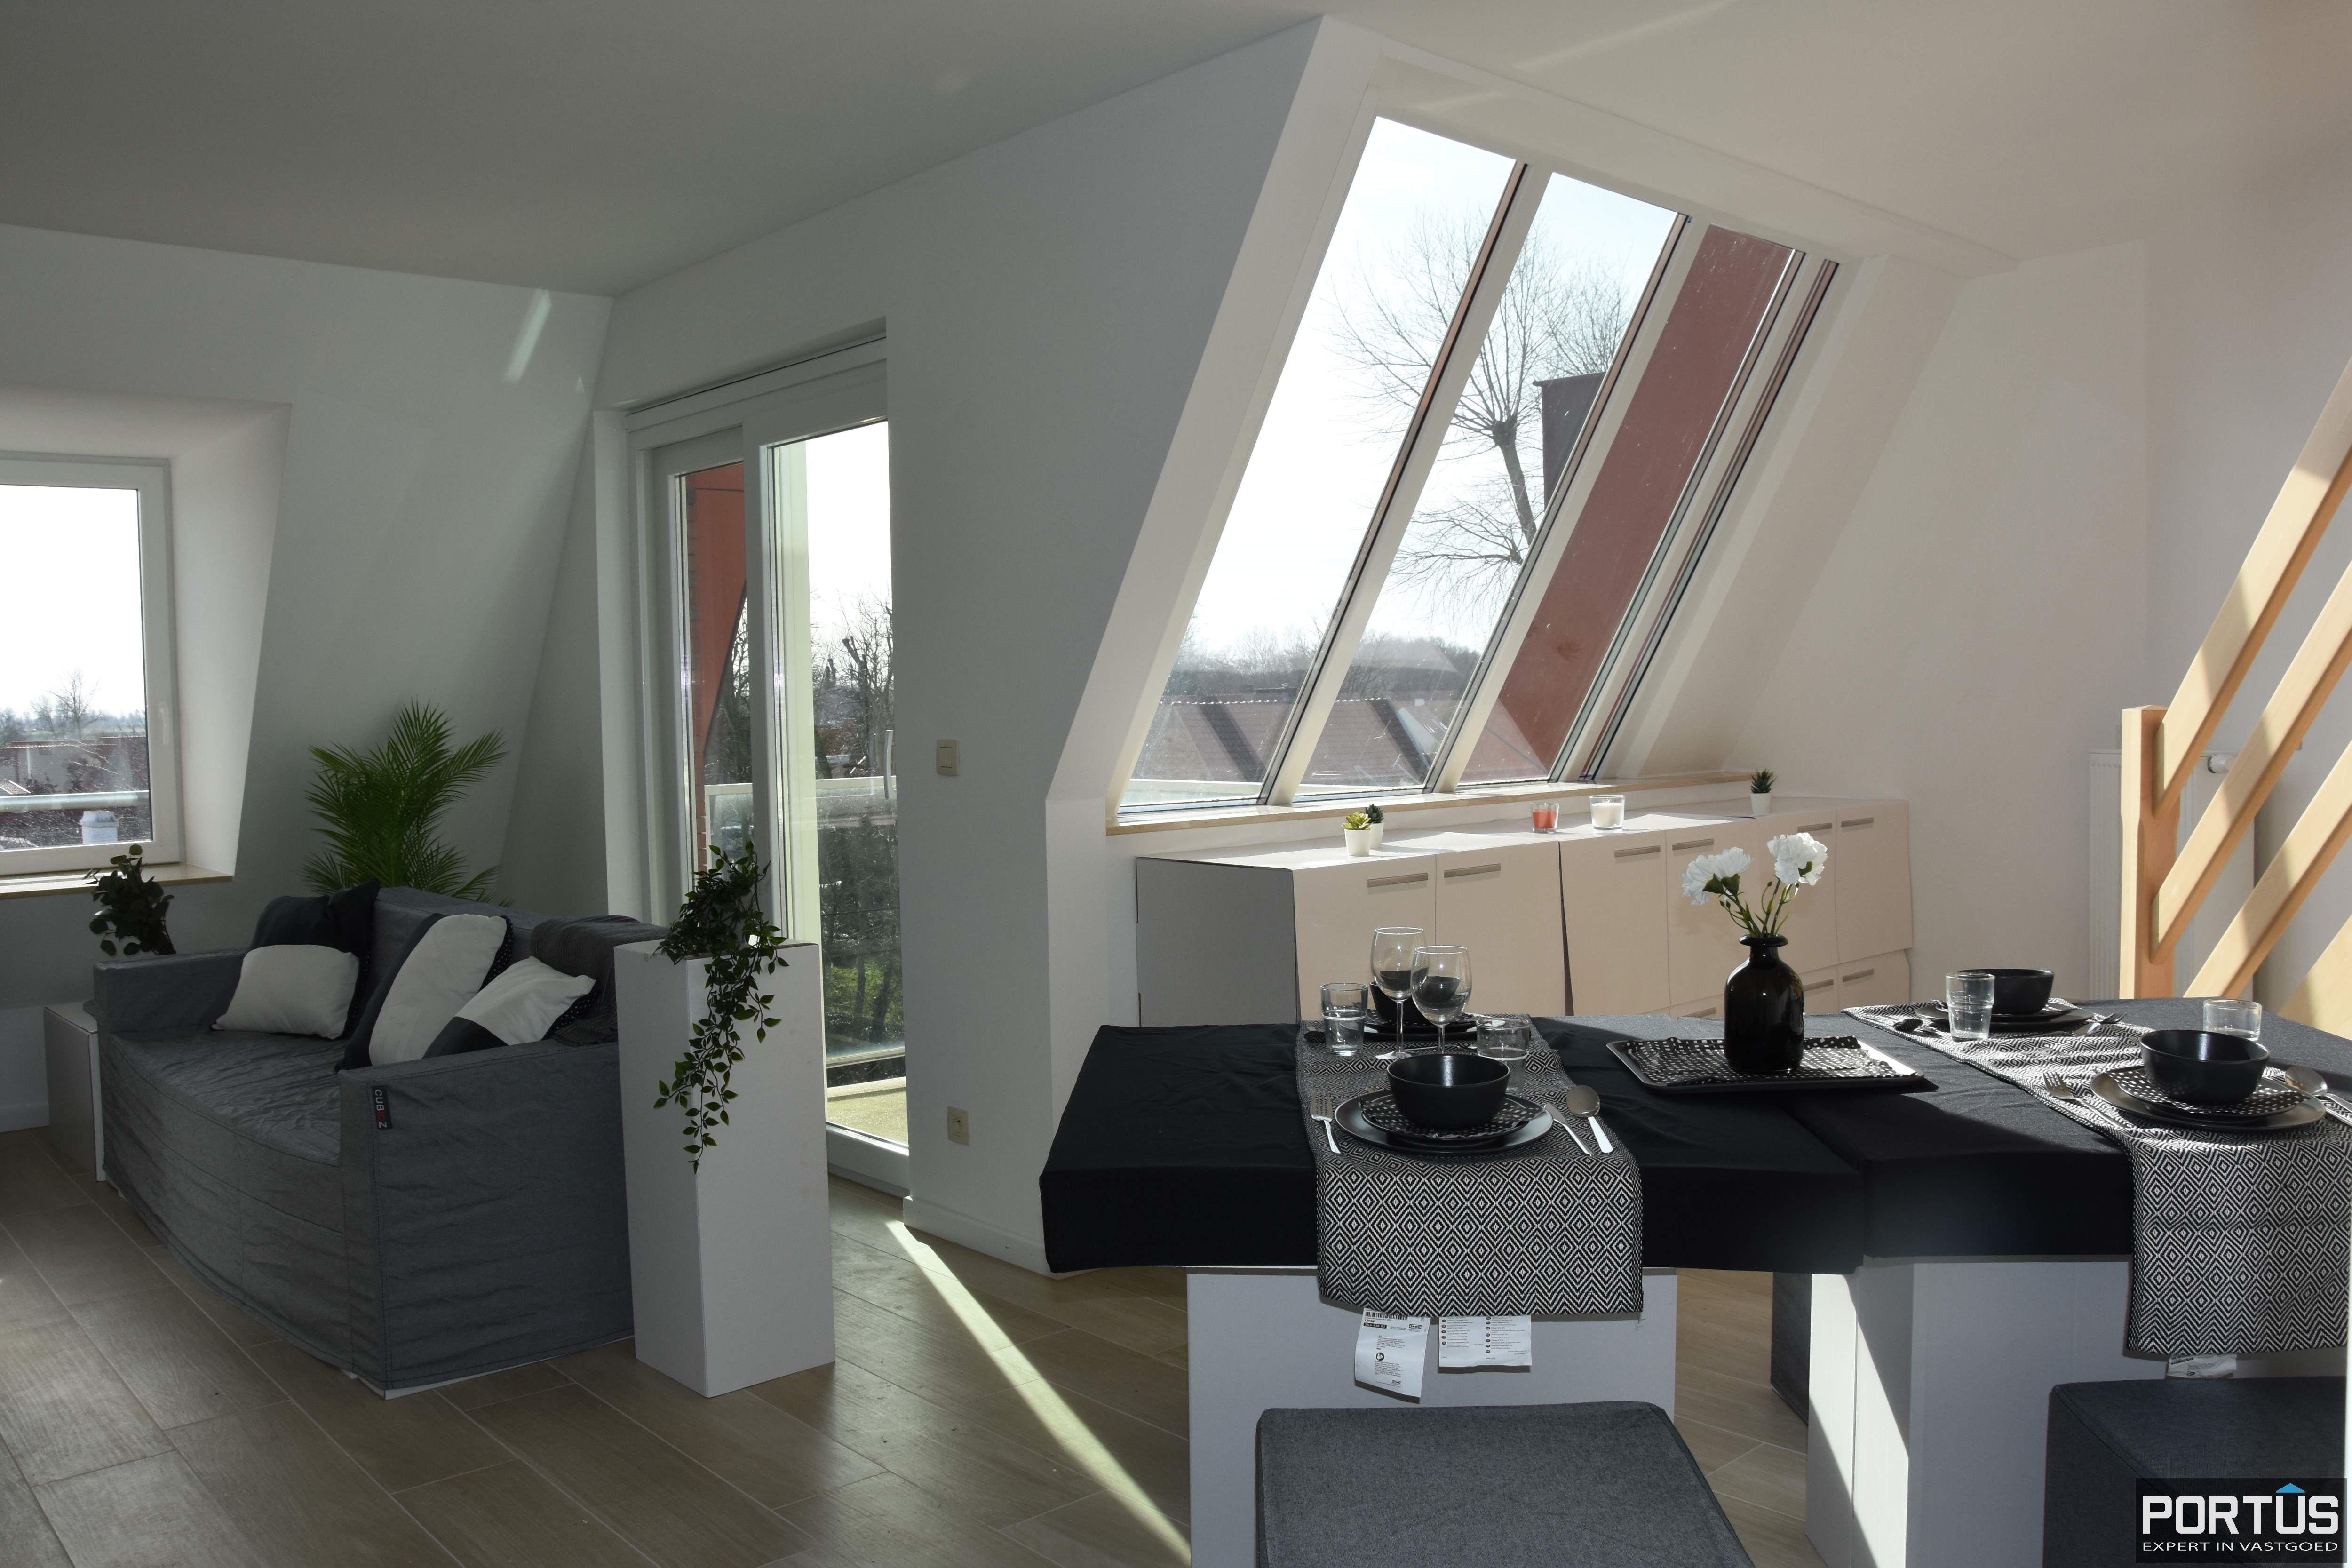 Appartement met 2 slaapkamers te koop te Nieuwpoort - 12307